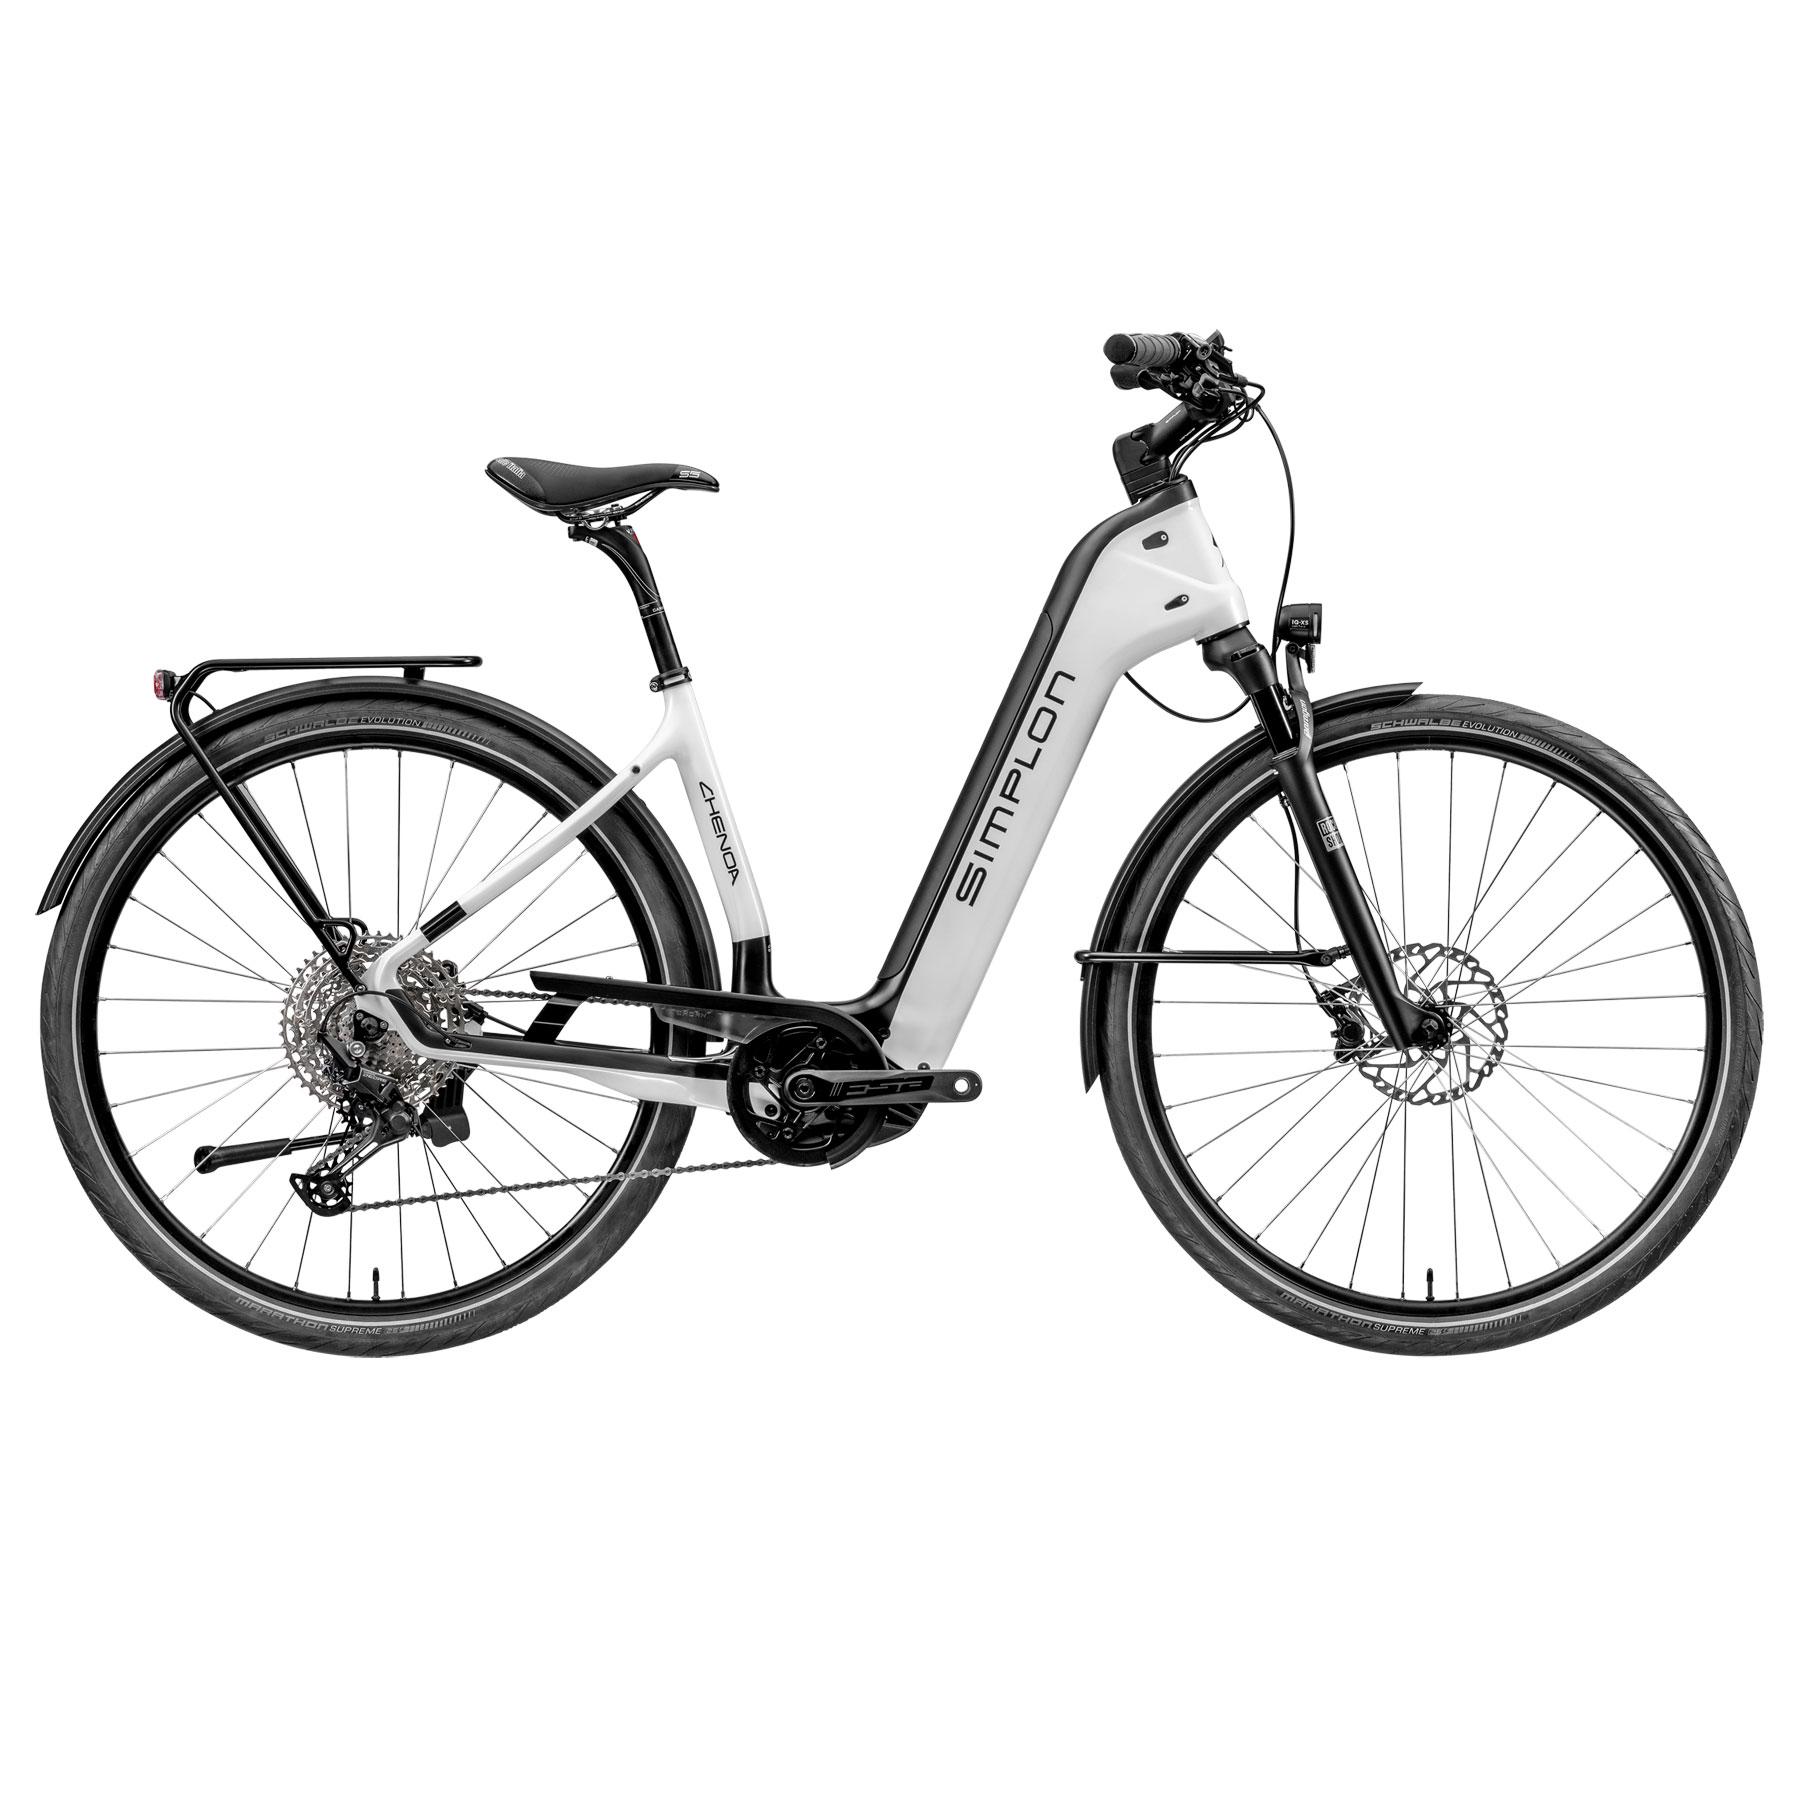 Simplon CHENOA CX UNI TR - Tiefeinstieg E-Bike - 2021 - pearlwhite